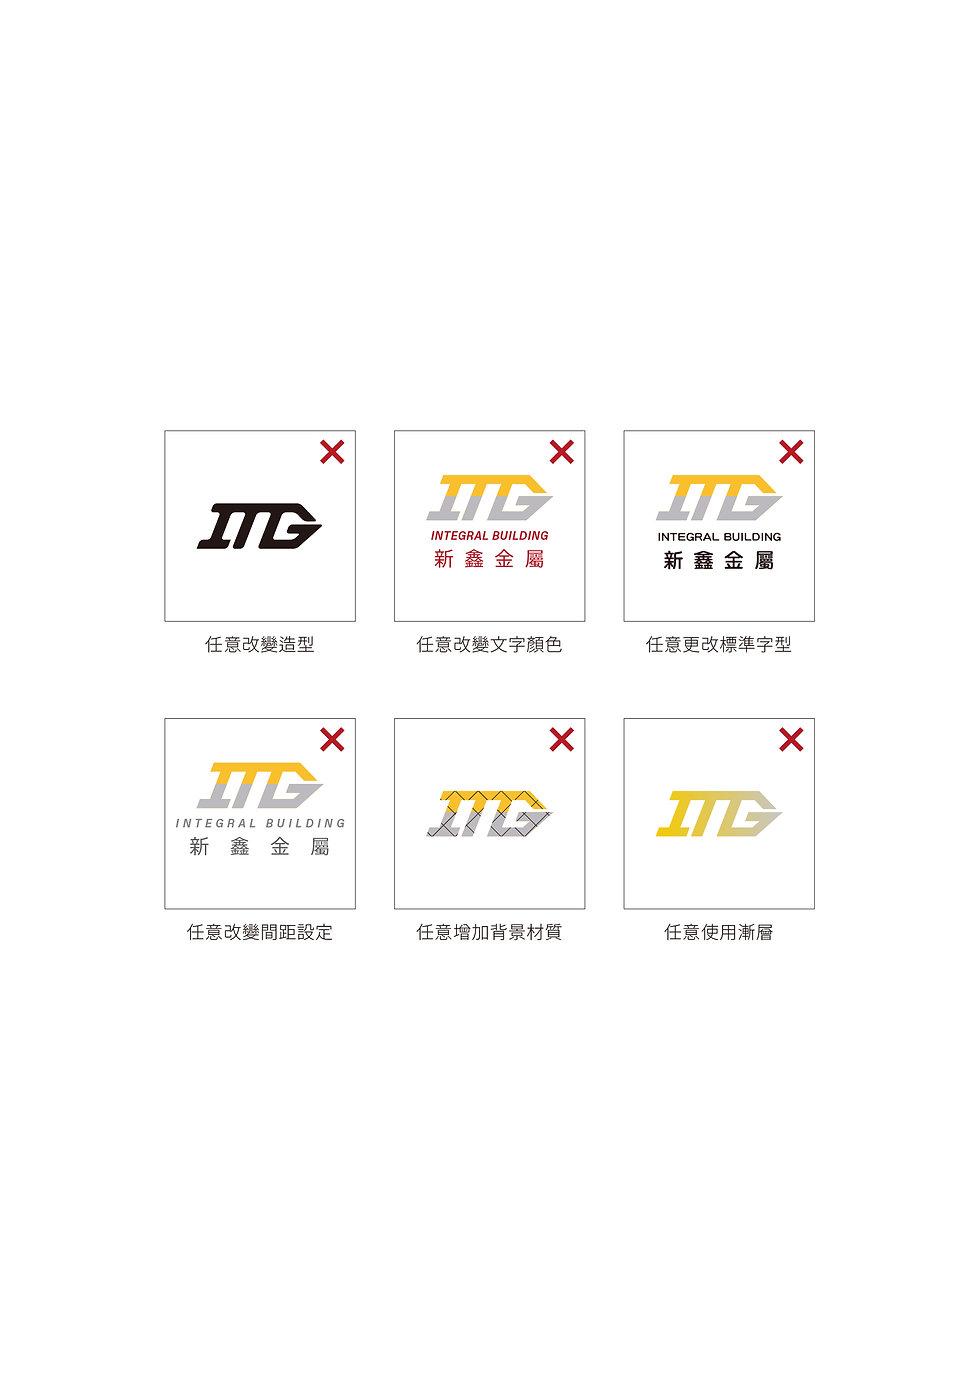 新鑫金屬標誌基礎系統-作品用-20.jpg